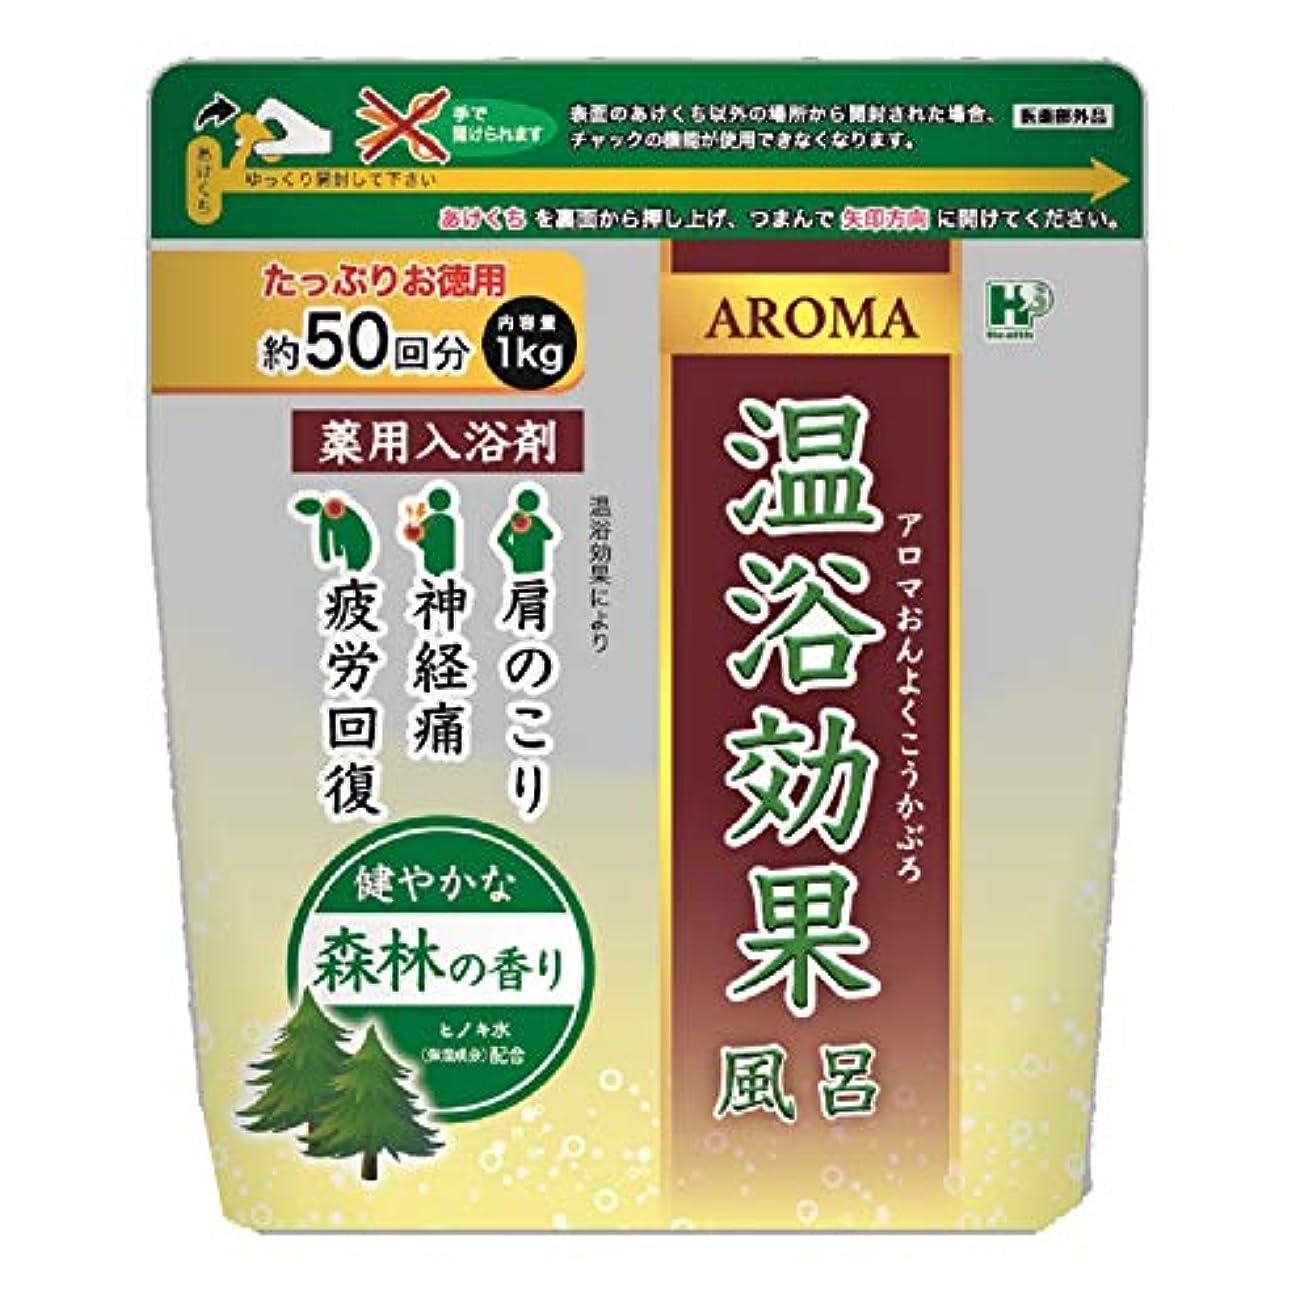 肥沃な甘やかす不明瞭アロマ温浴効果風呂 森林 1kg